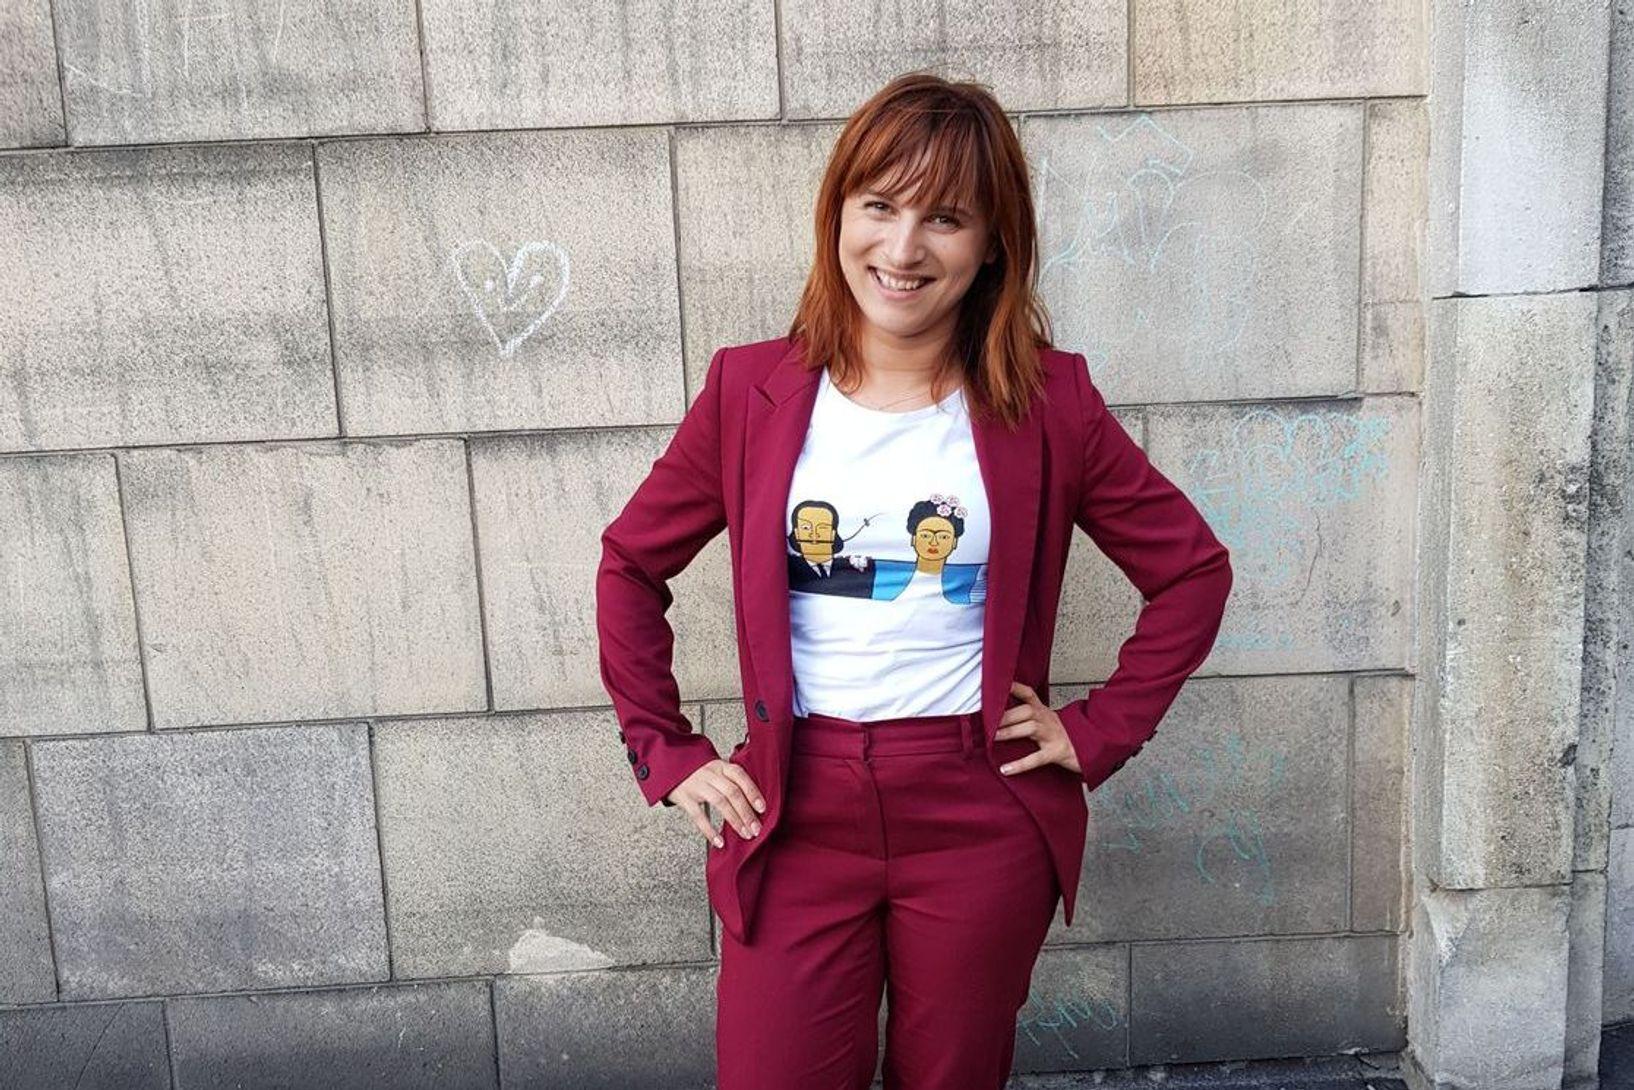 """Justyna Suchecka, dziennikarka TVN24, autorka książki """"Young Power. 30 historii o tym, jak młodzi zmieniają świat"""""""